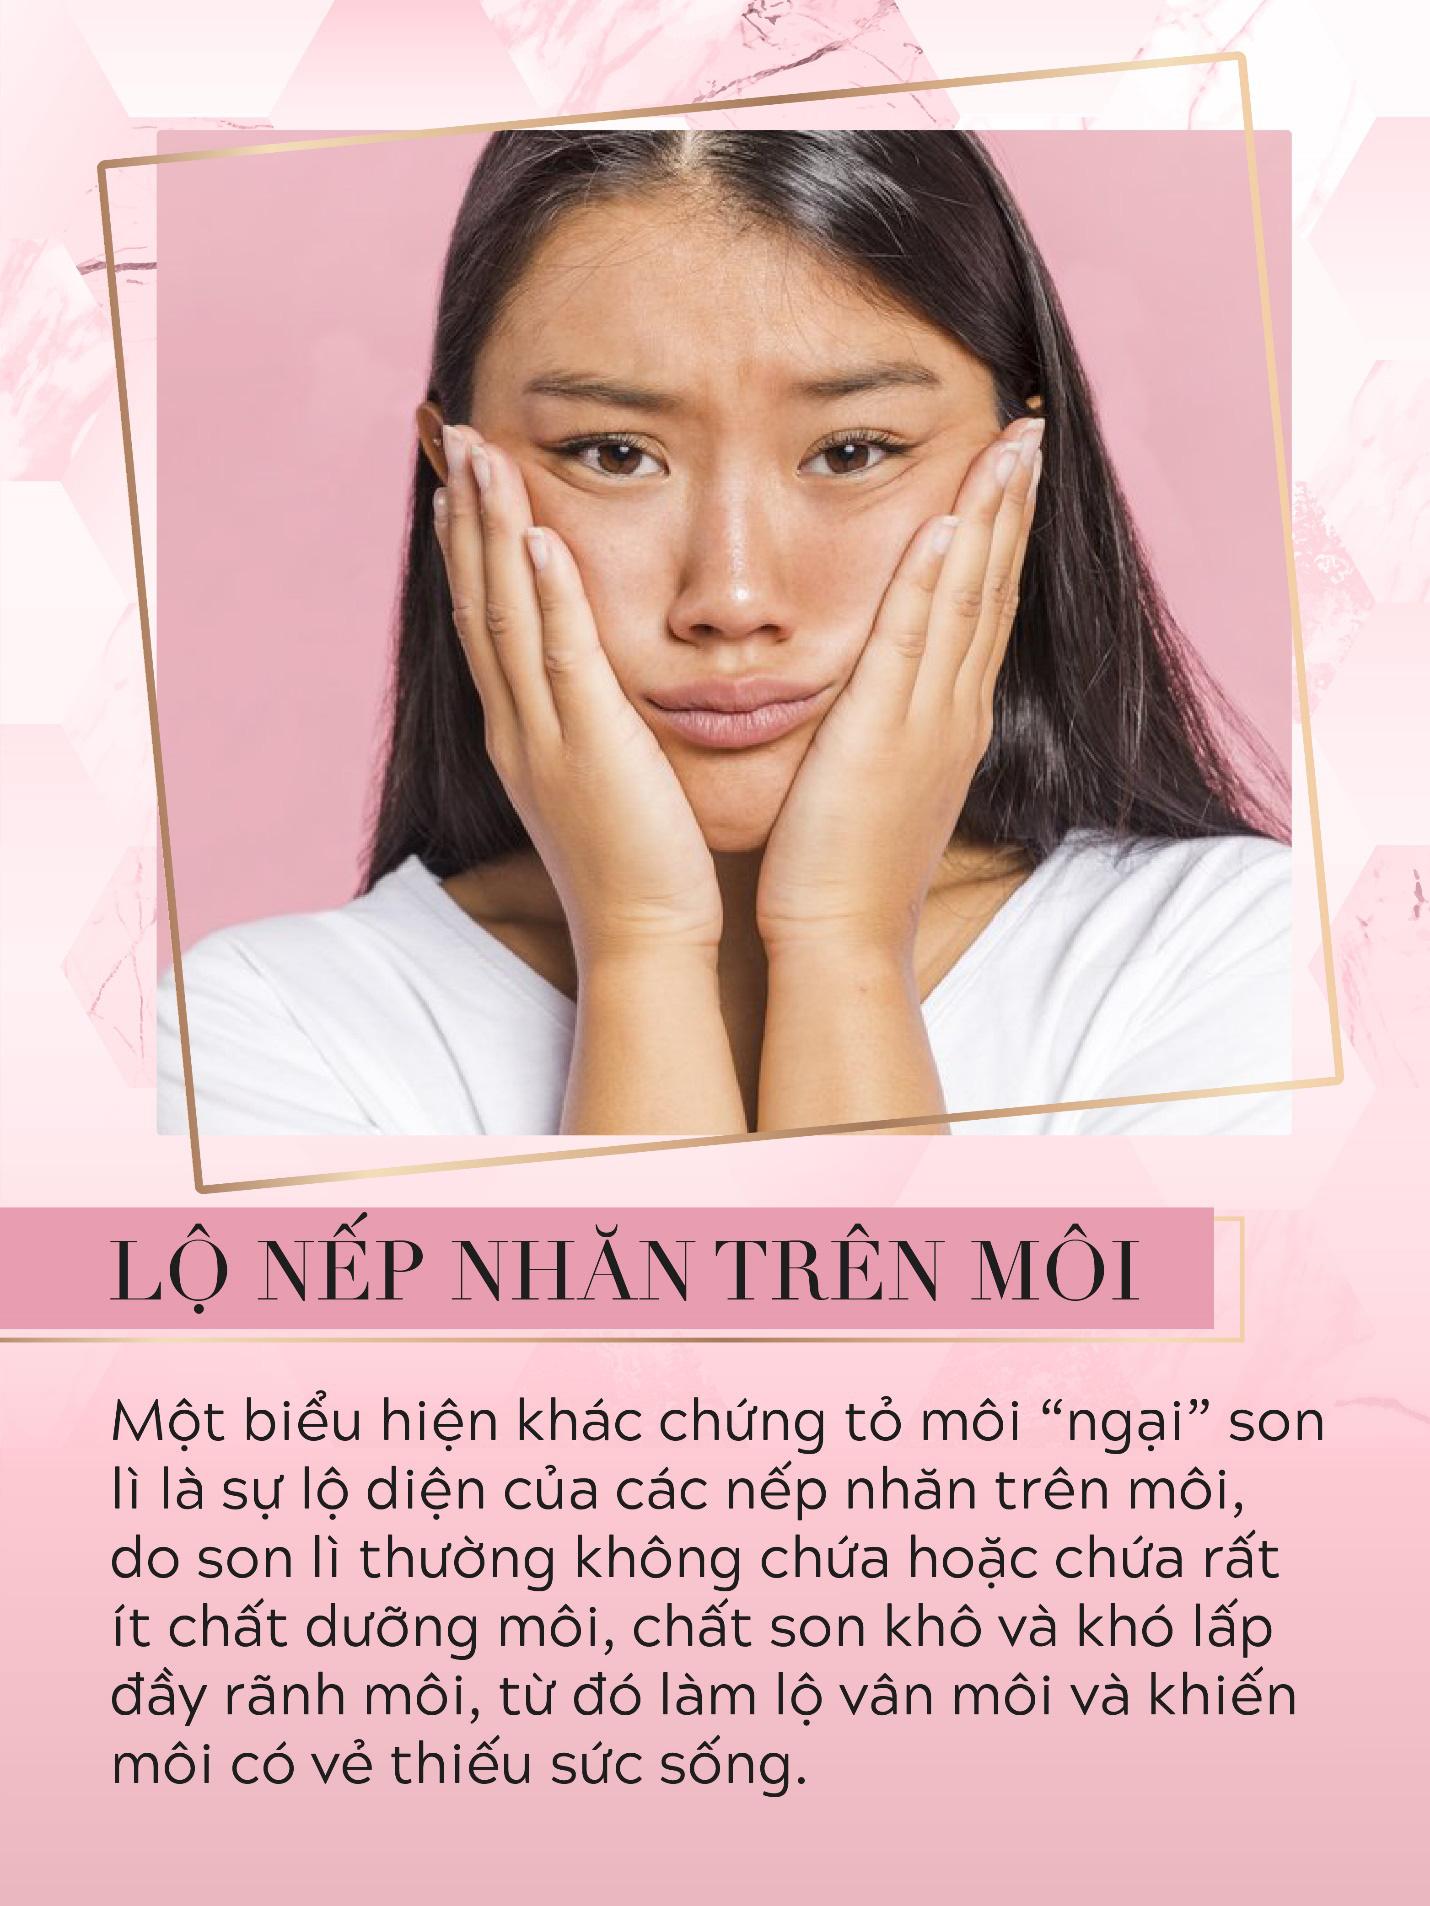 """Soi kỹ 5 biểu hiện của đôi môi """"ngại"""" son lì để thấy vì sao phải chọn ngay dòng son trang điểm chứa 50% thành phần dưỡng - Ảnh 3."""